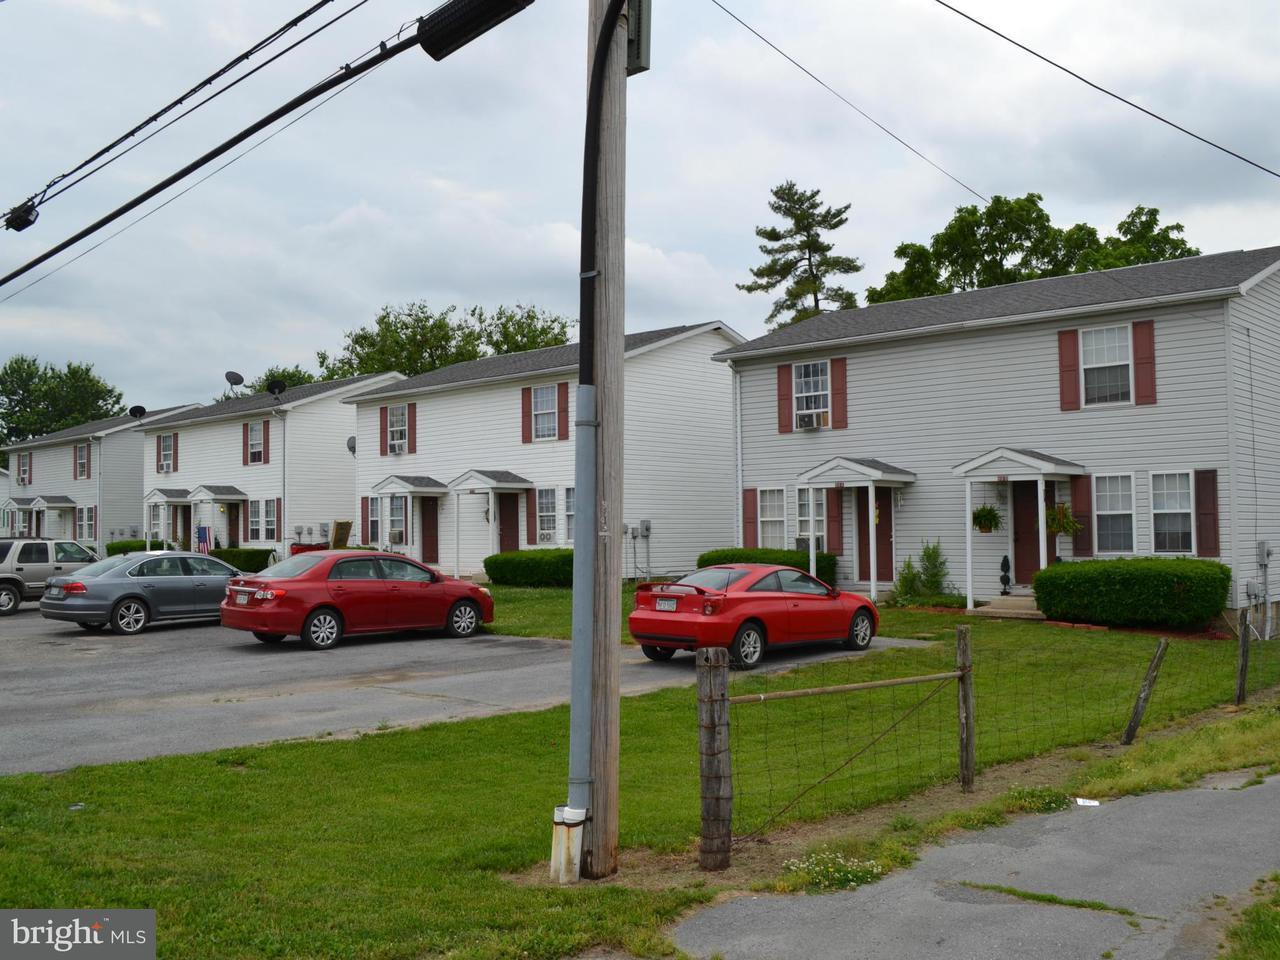 多户住宅 为 销售 在 61thru 89 Warm Springs Avenue 61thru 89 Warm Springs Avenue Martinsburg, 西弗吉尼亚州 25404 美国